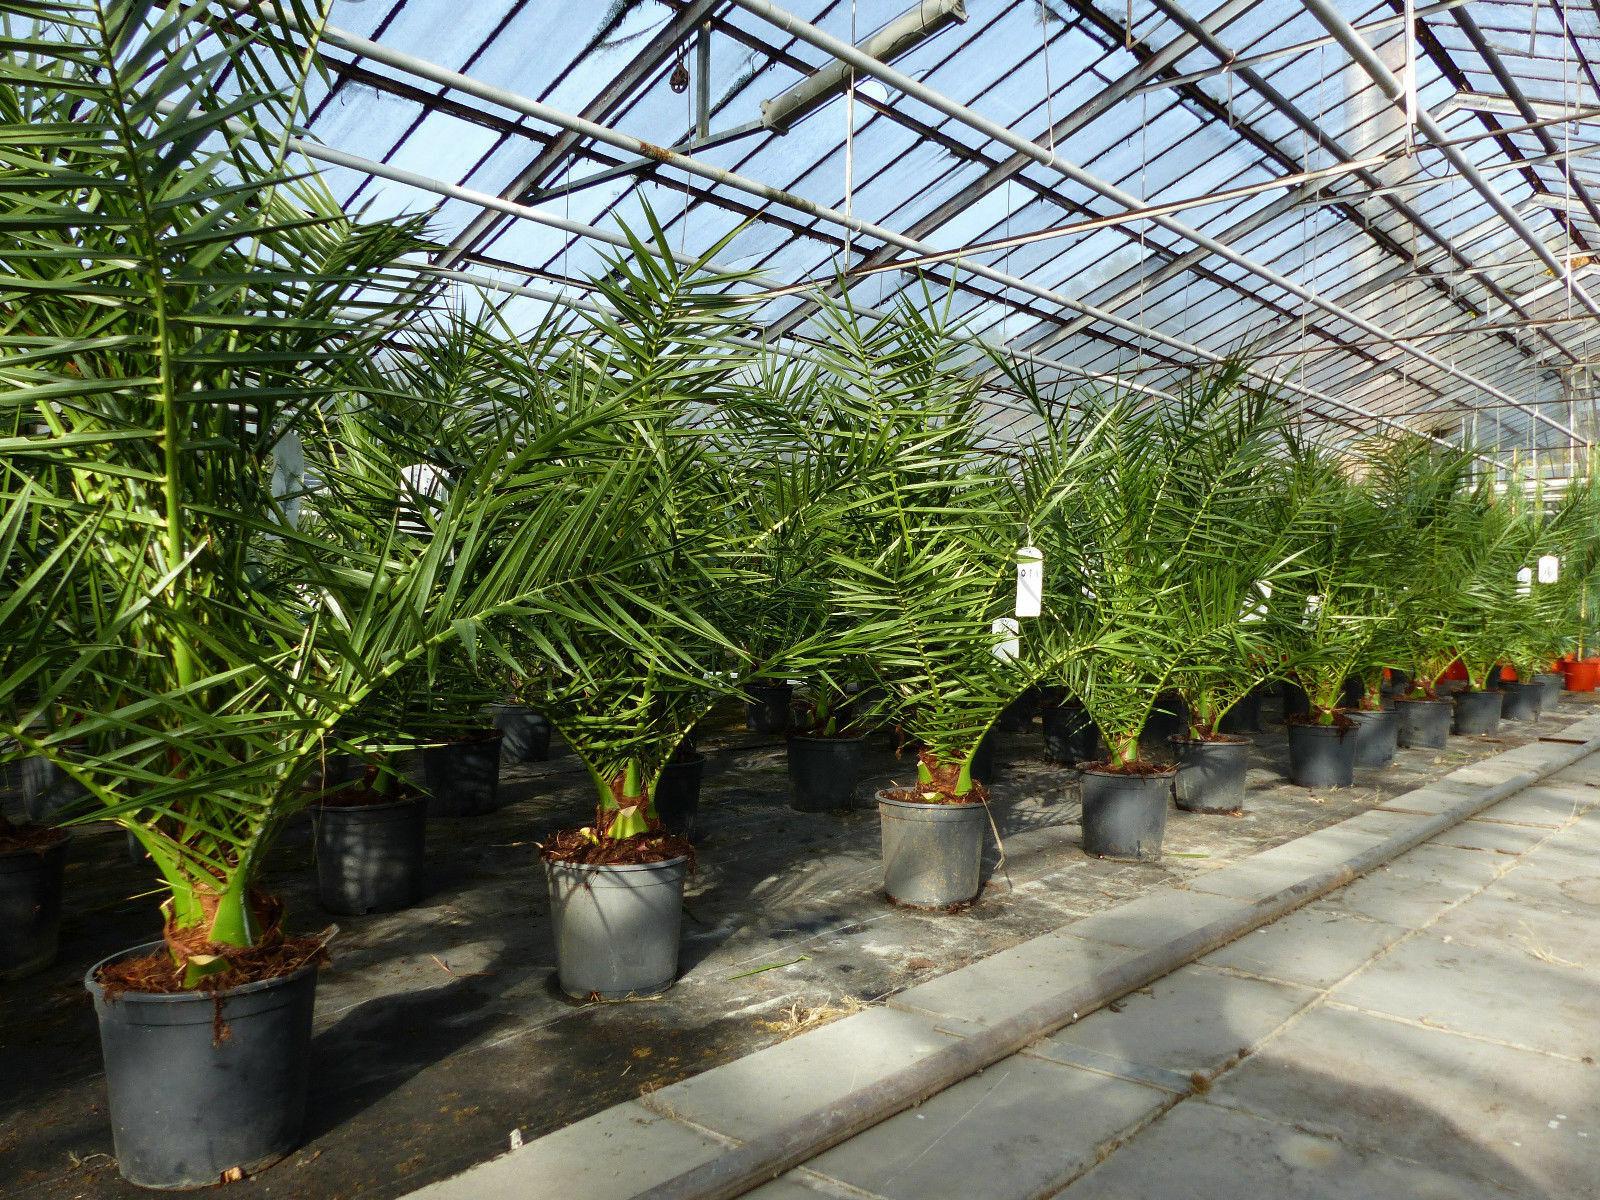 SONDERPREIS: Palme 90 - 120 cm, Phoenix canariensis, kanarische Dattelpalme